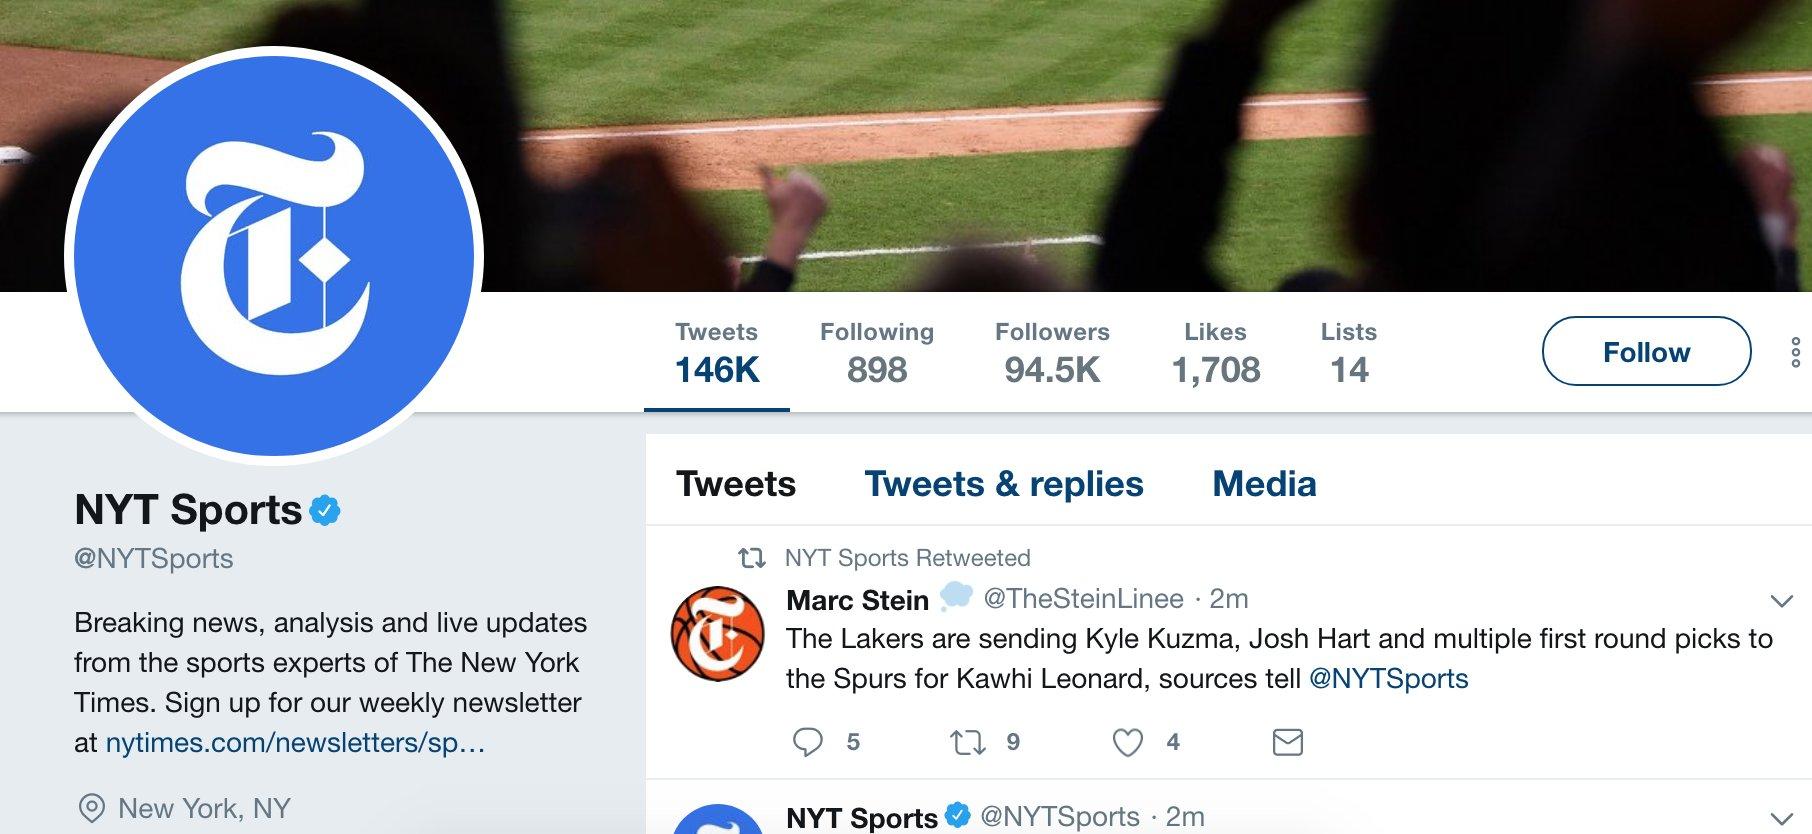 纽约时报体育官推上当,转发伦纳德去湖人的假消息